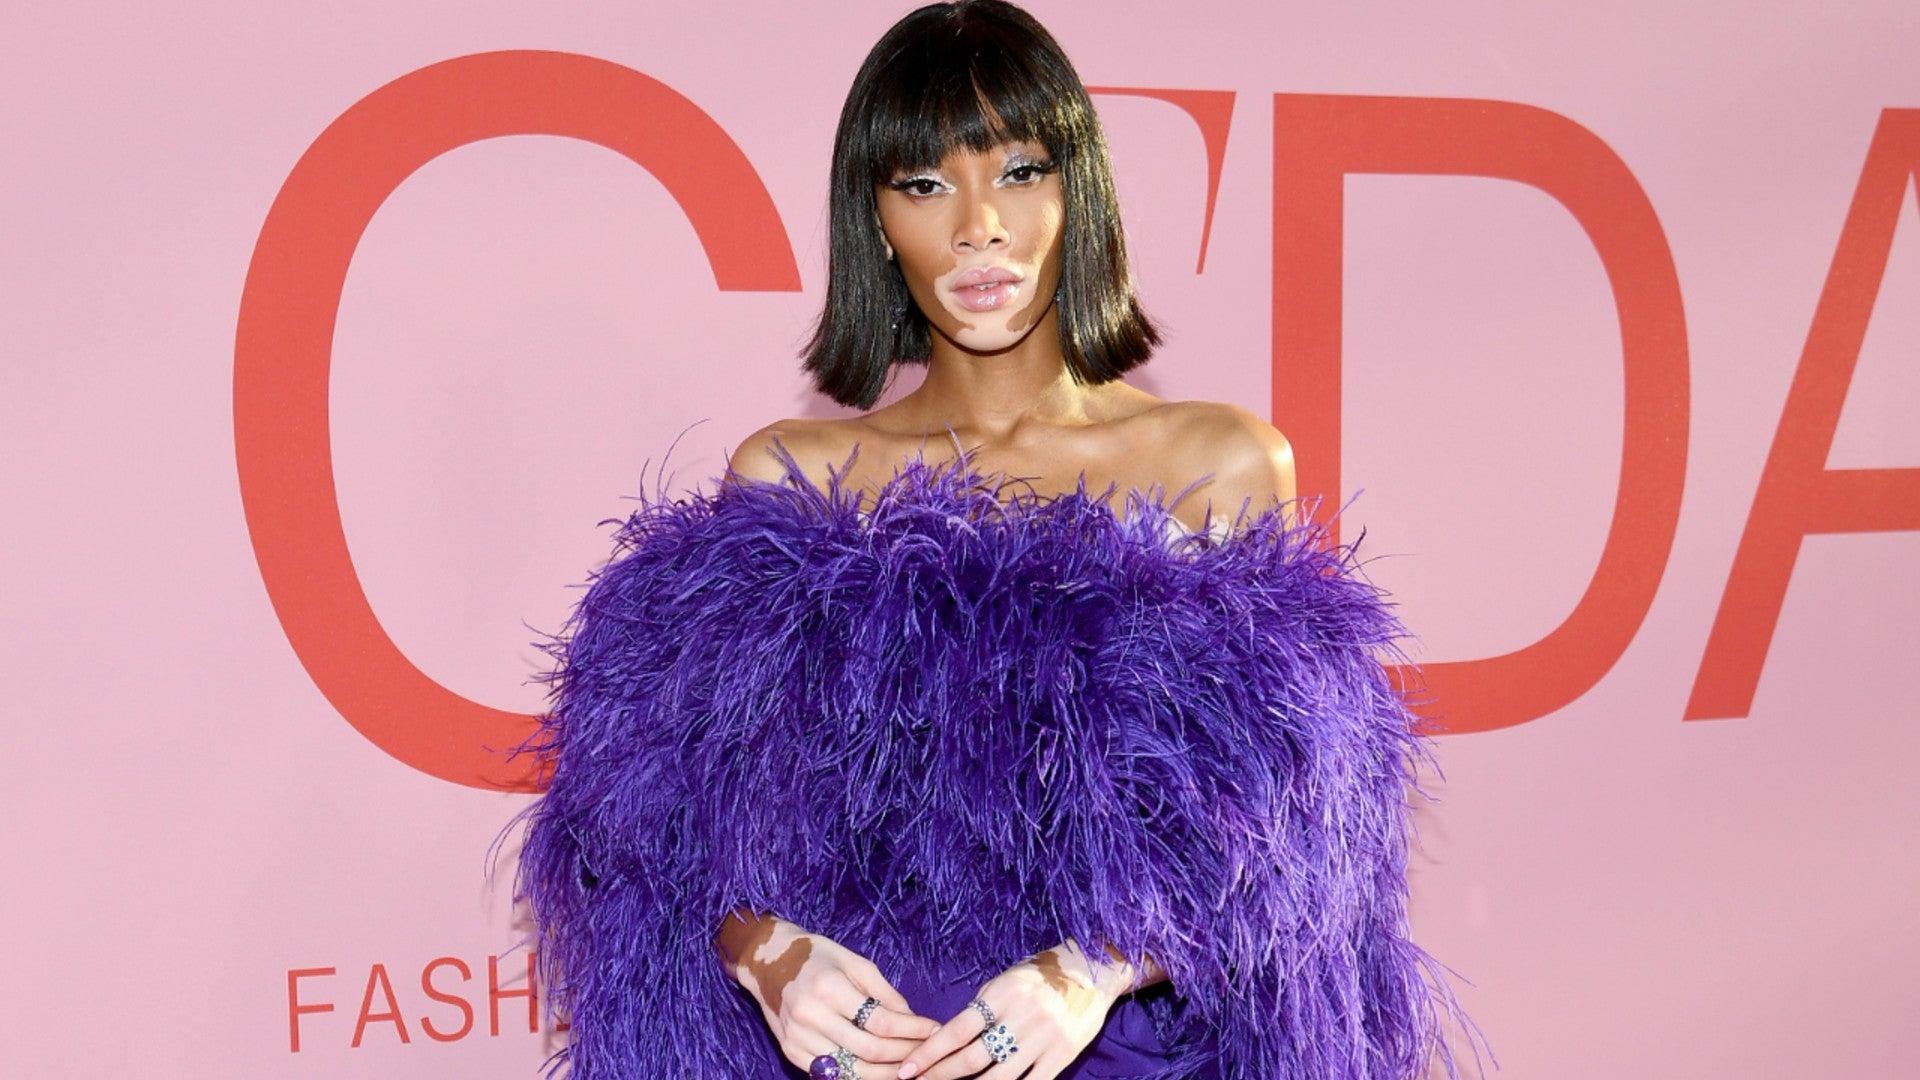 Fashion Beauty Awards: Beauty